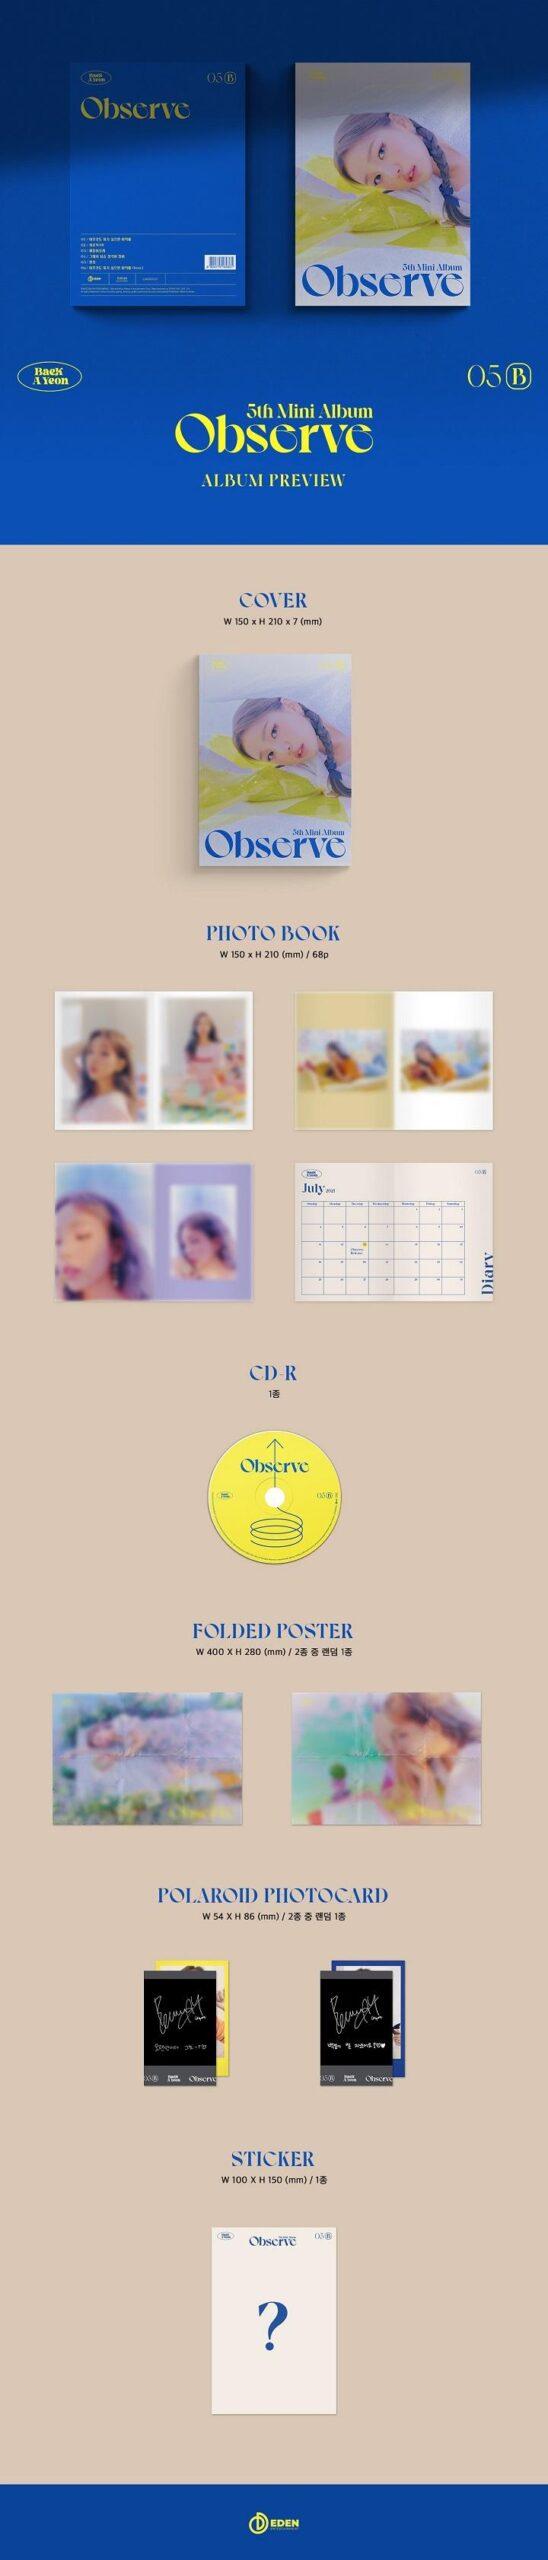 5th Mini Album de Baek A Yeon Observe